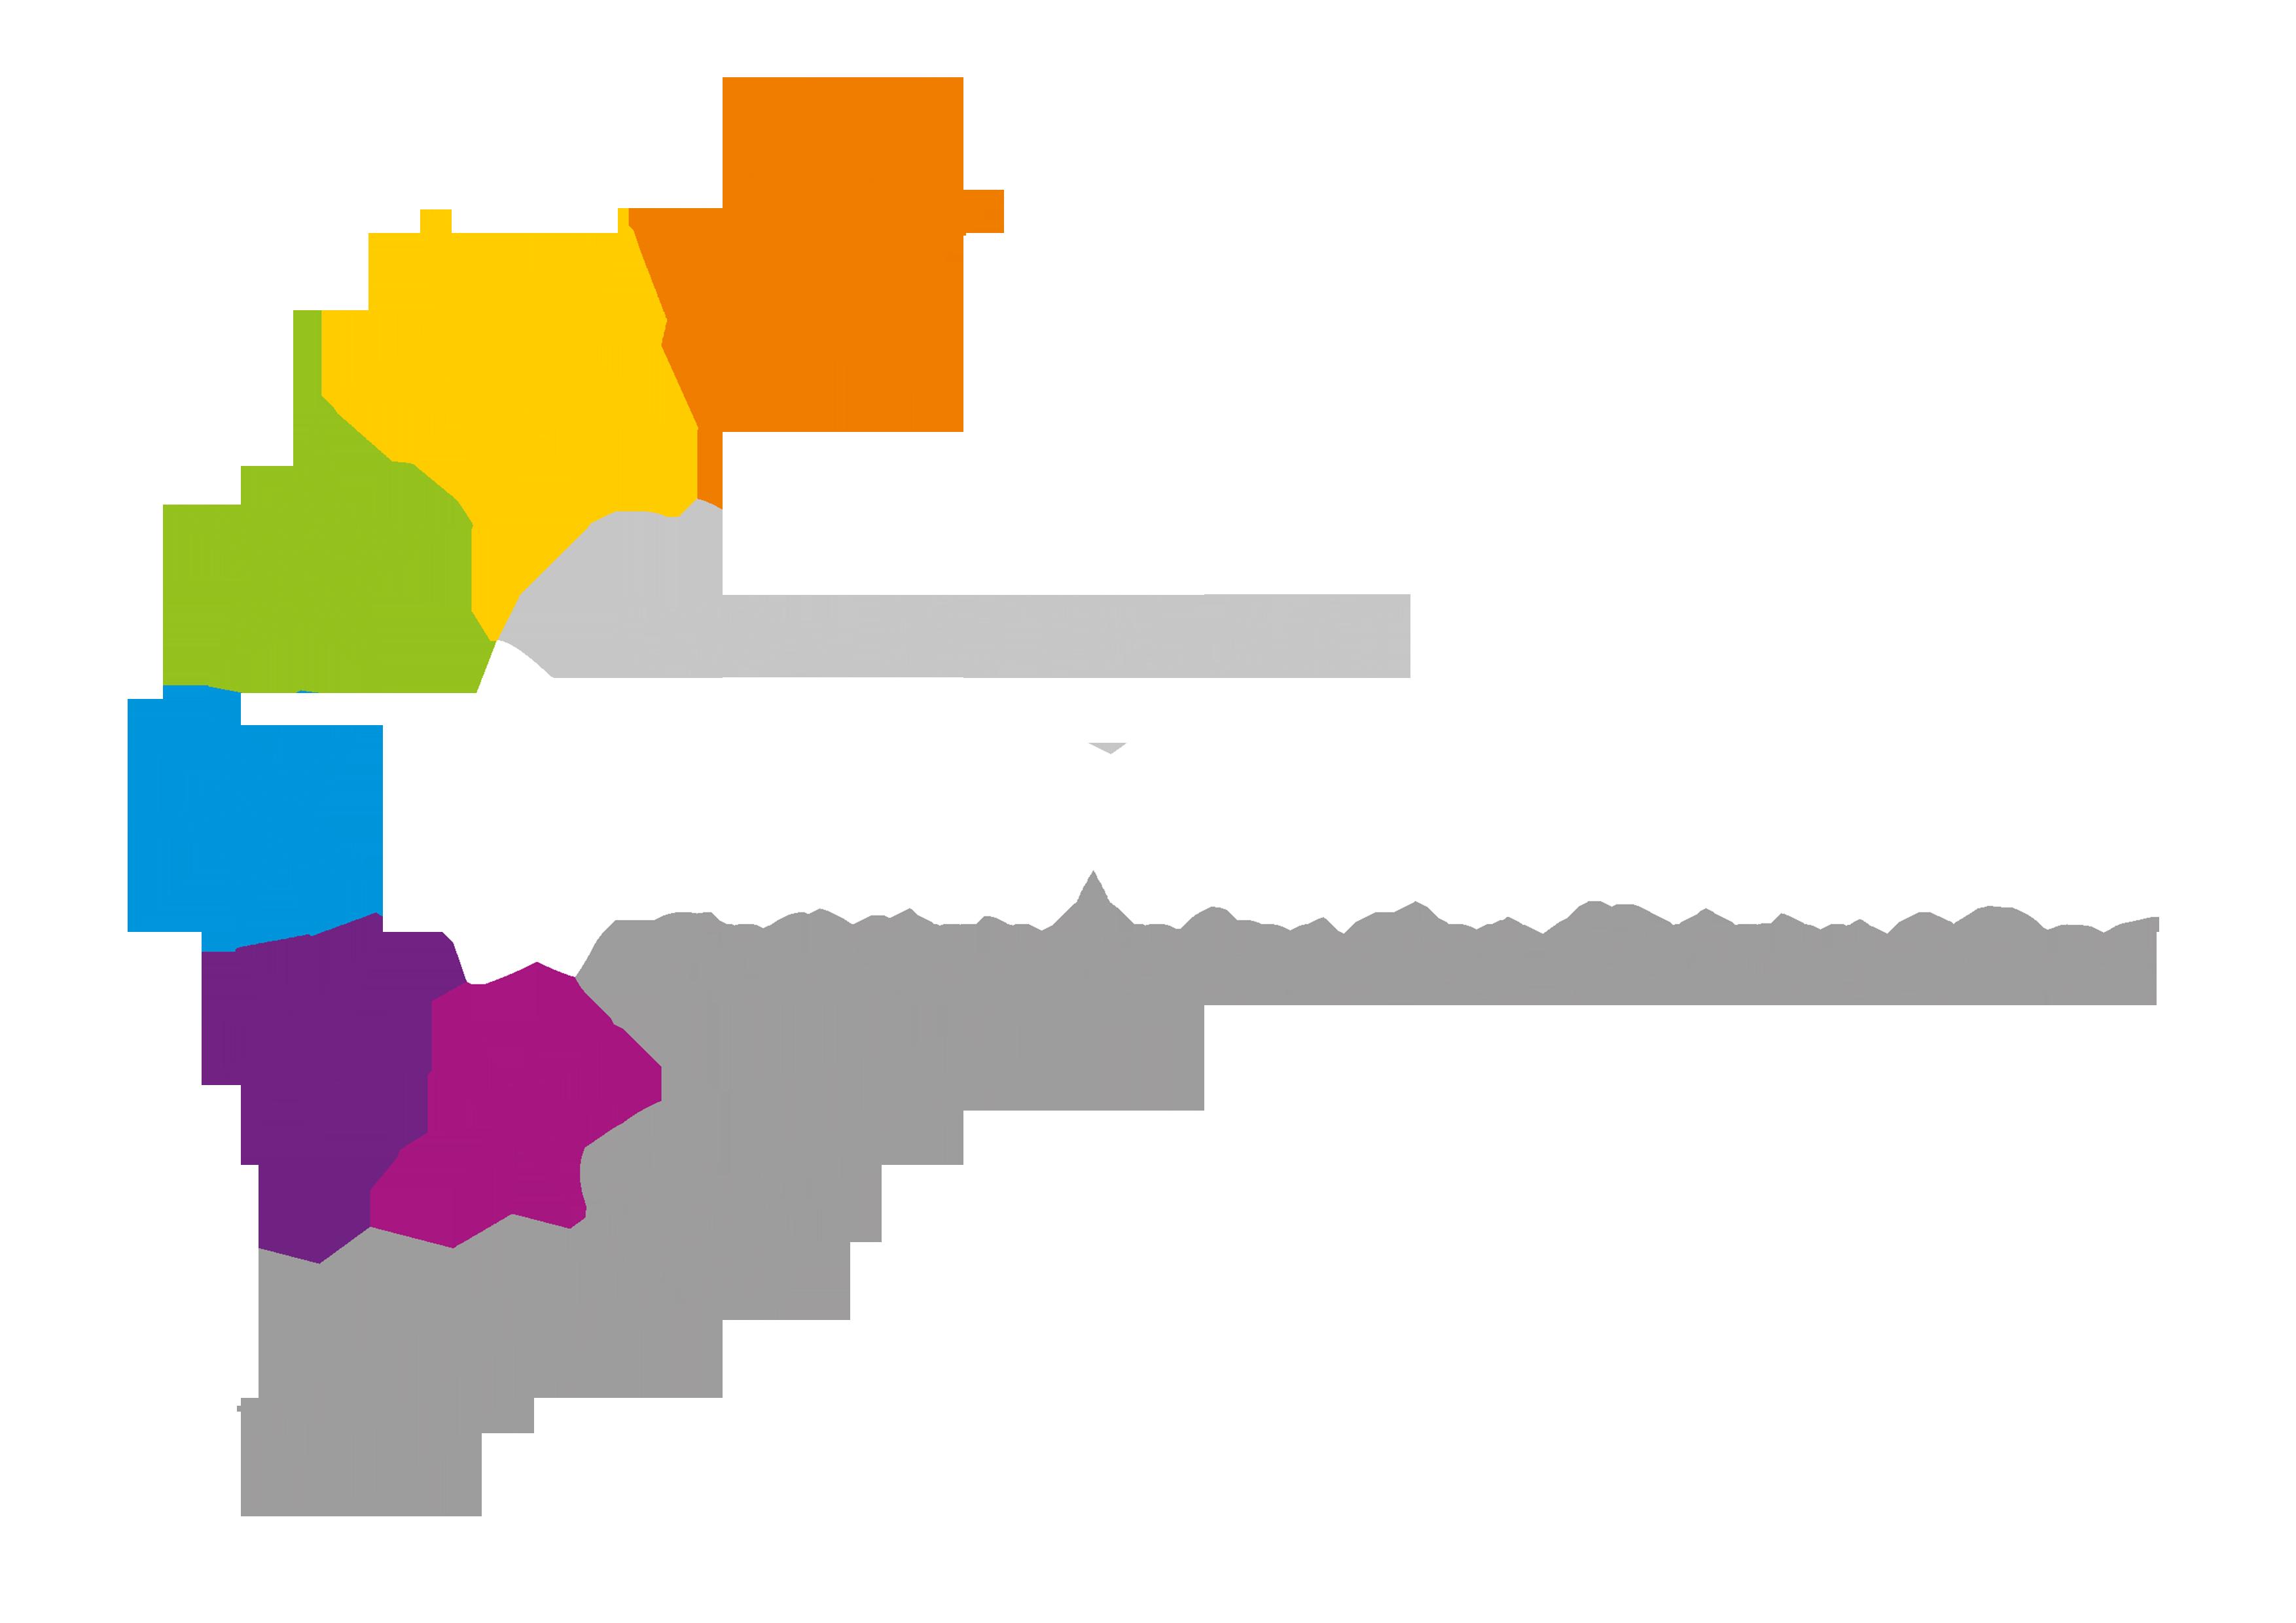 dstv_eutelsat_star_awards_logo1